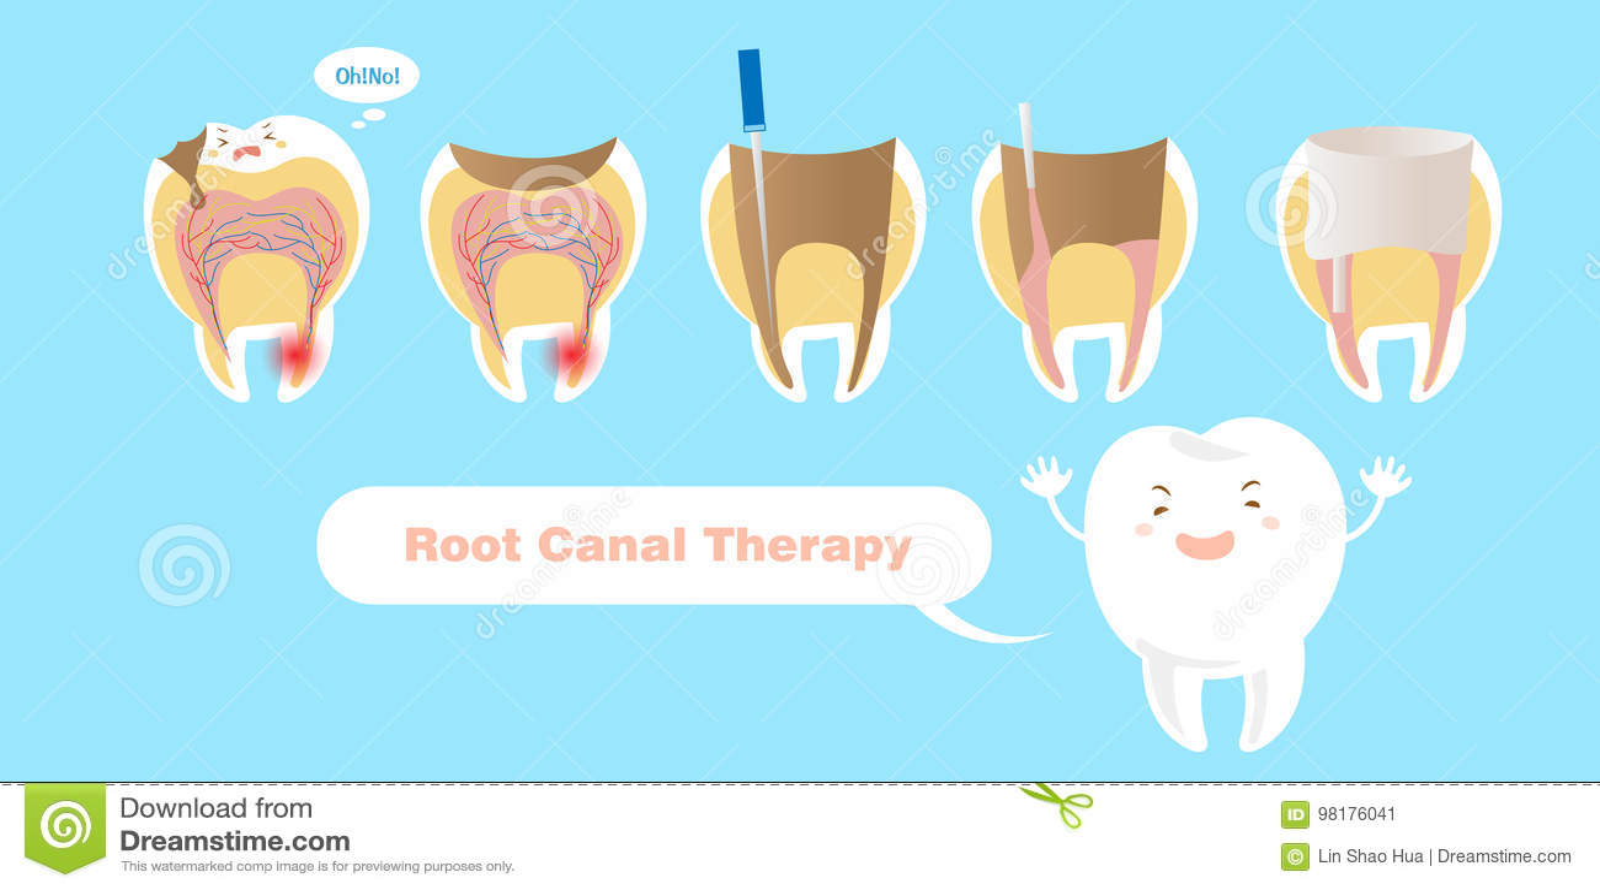 Dente com terapia de canal de raiz